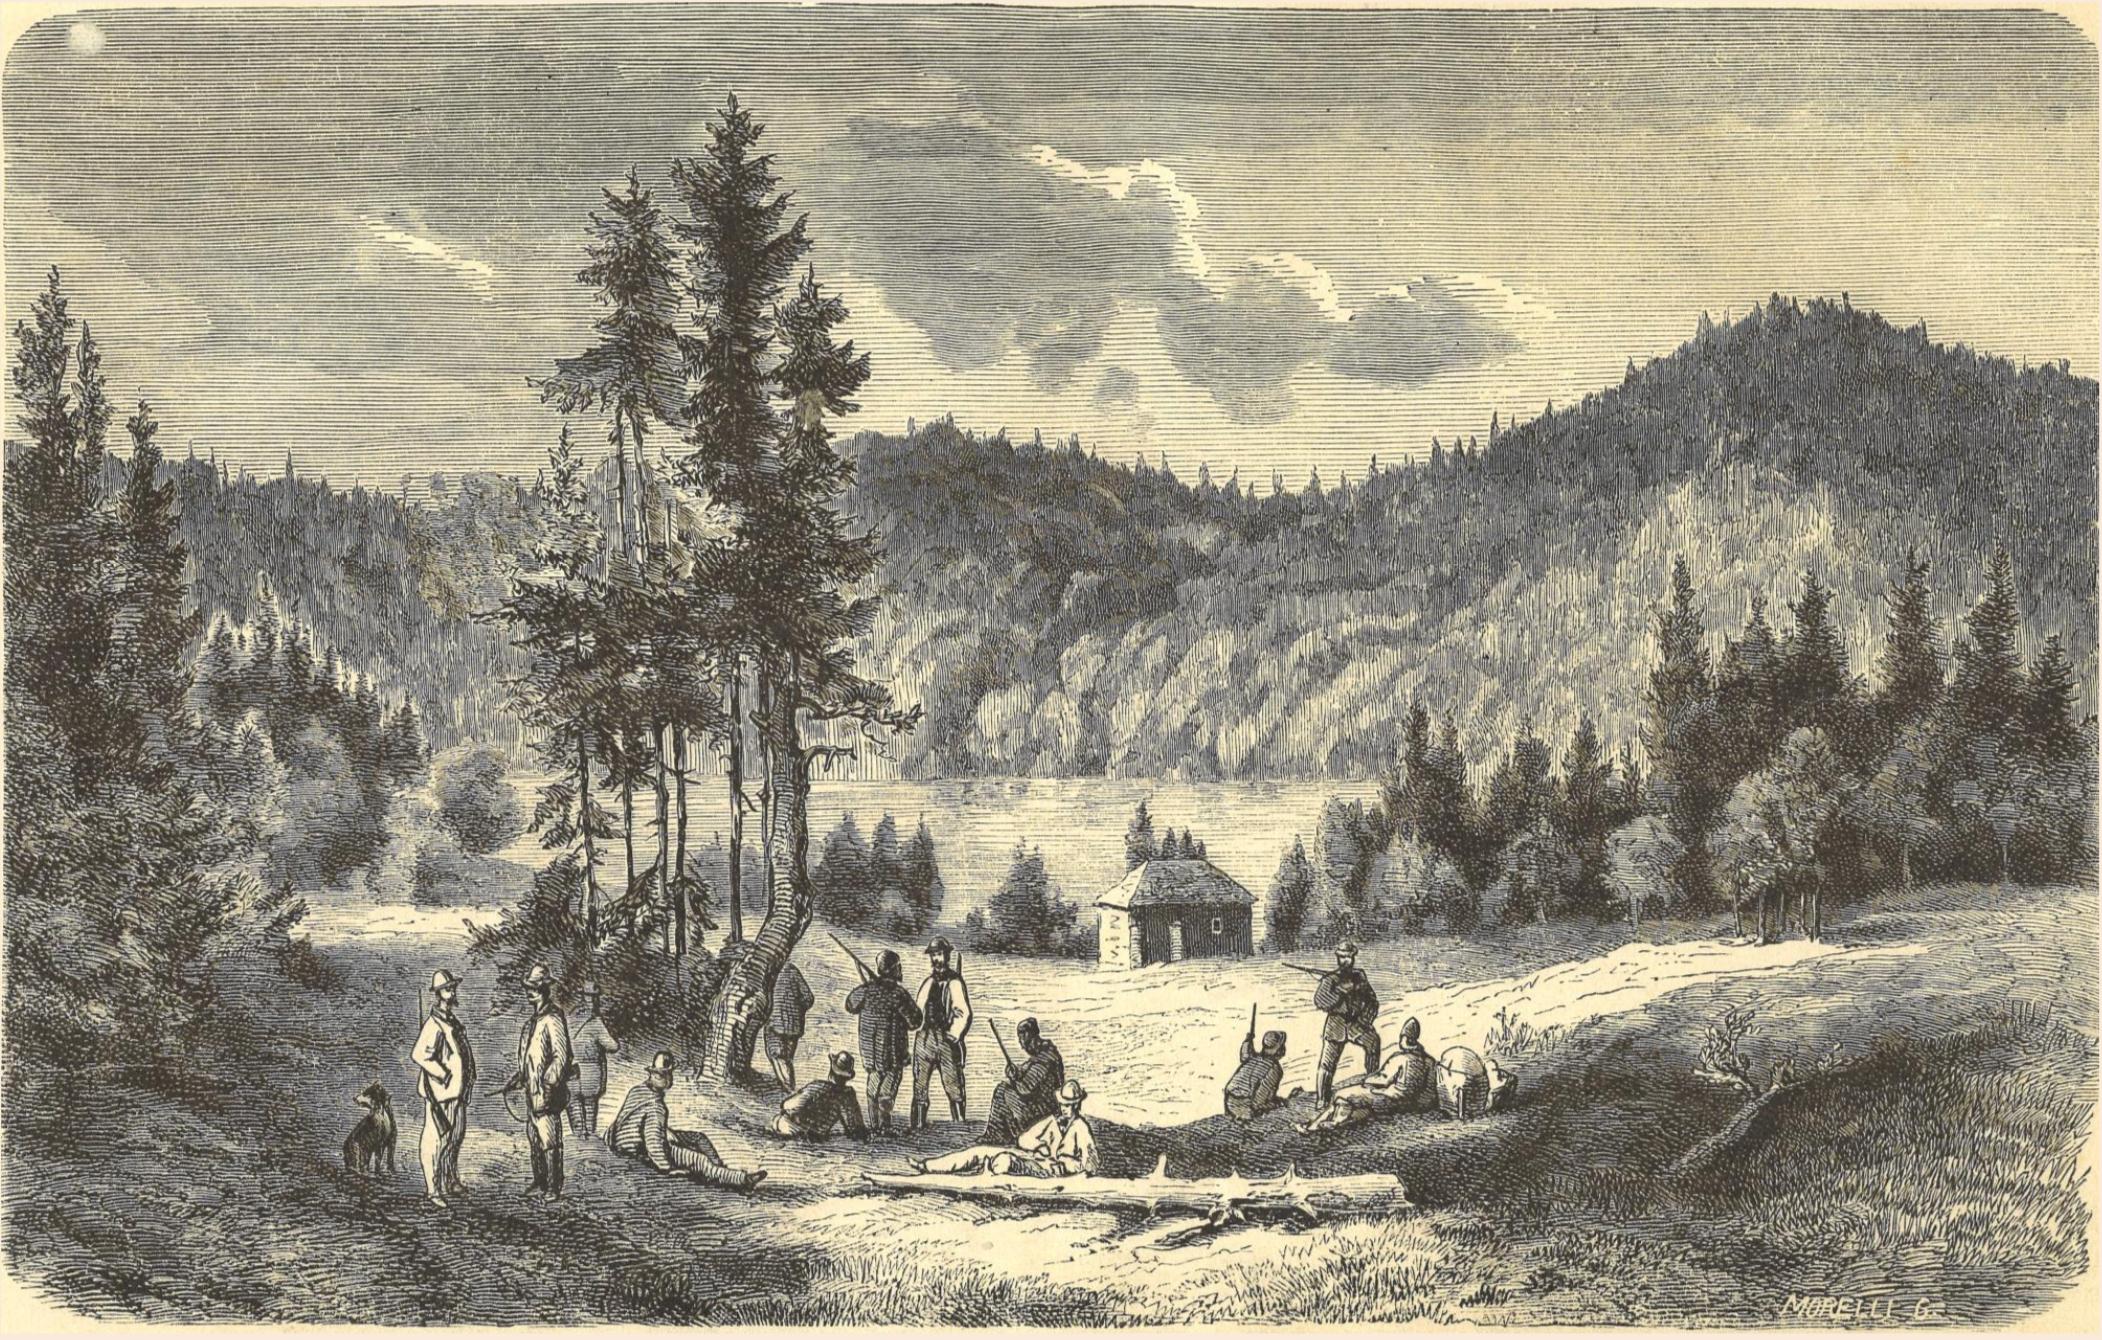 Gusztáv Keleti's artwork